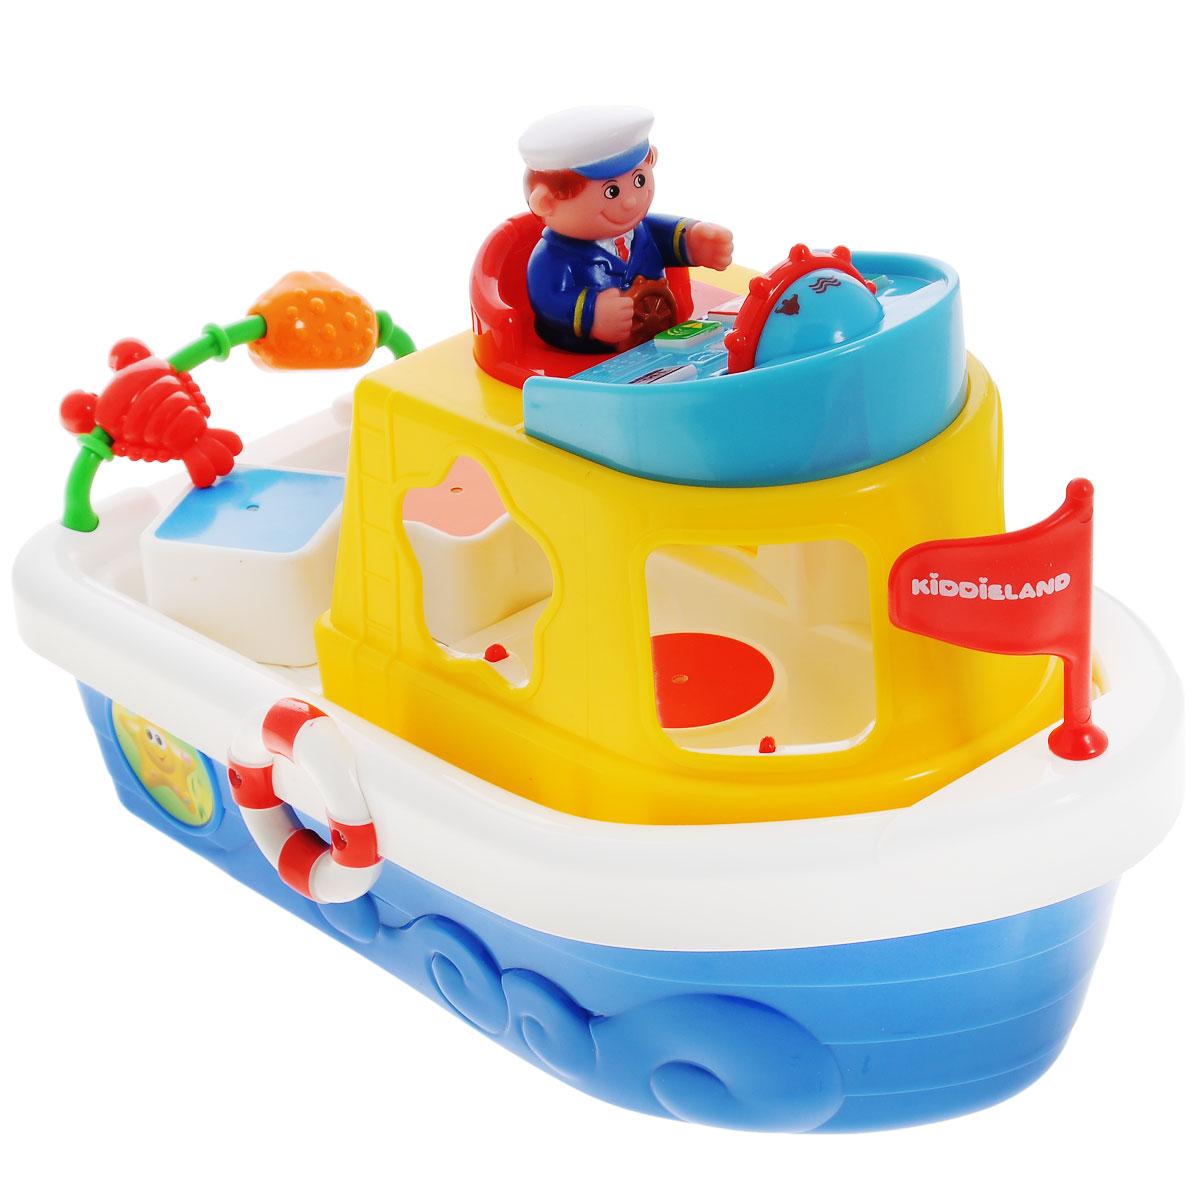 Kiddieland Развивающая игрушка Мой первый корабль-сортерKID 046045Развивающая игрушка Kiddieland Мой первый корабль-сортер обязательно порадует малыша. На палубе игрушки имеются геометрические отверстия, внутрь которых вставляются фигурки соответствующей формы. Каждая деталь отличается цветом. За рулем штурвала сидит отважный капитан, его также можно доставать и играть им отдельно. Игрушка оснащена звуковыми эффектами, что делает игру более интересной. Игрушка способствует развитию координации движений малыша, ловкости, внимательности и воображения. Рекомендуемый возраст: от 18 месяцев. Питание: 2 батарейки типа AА (входят в комплект).